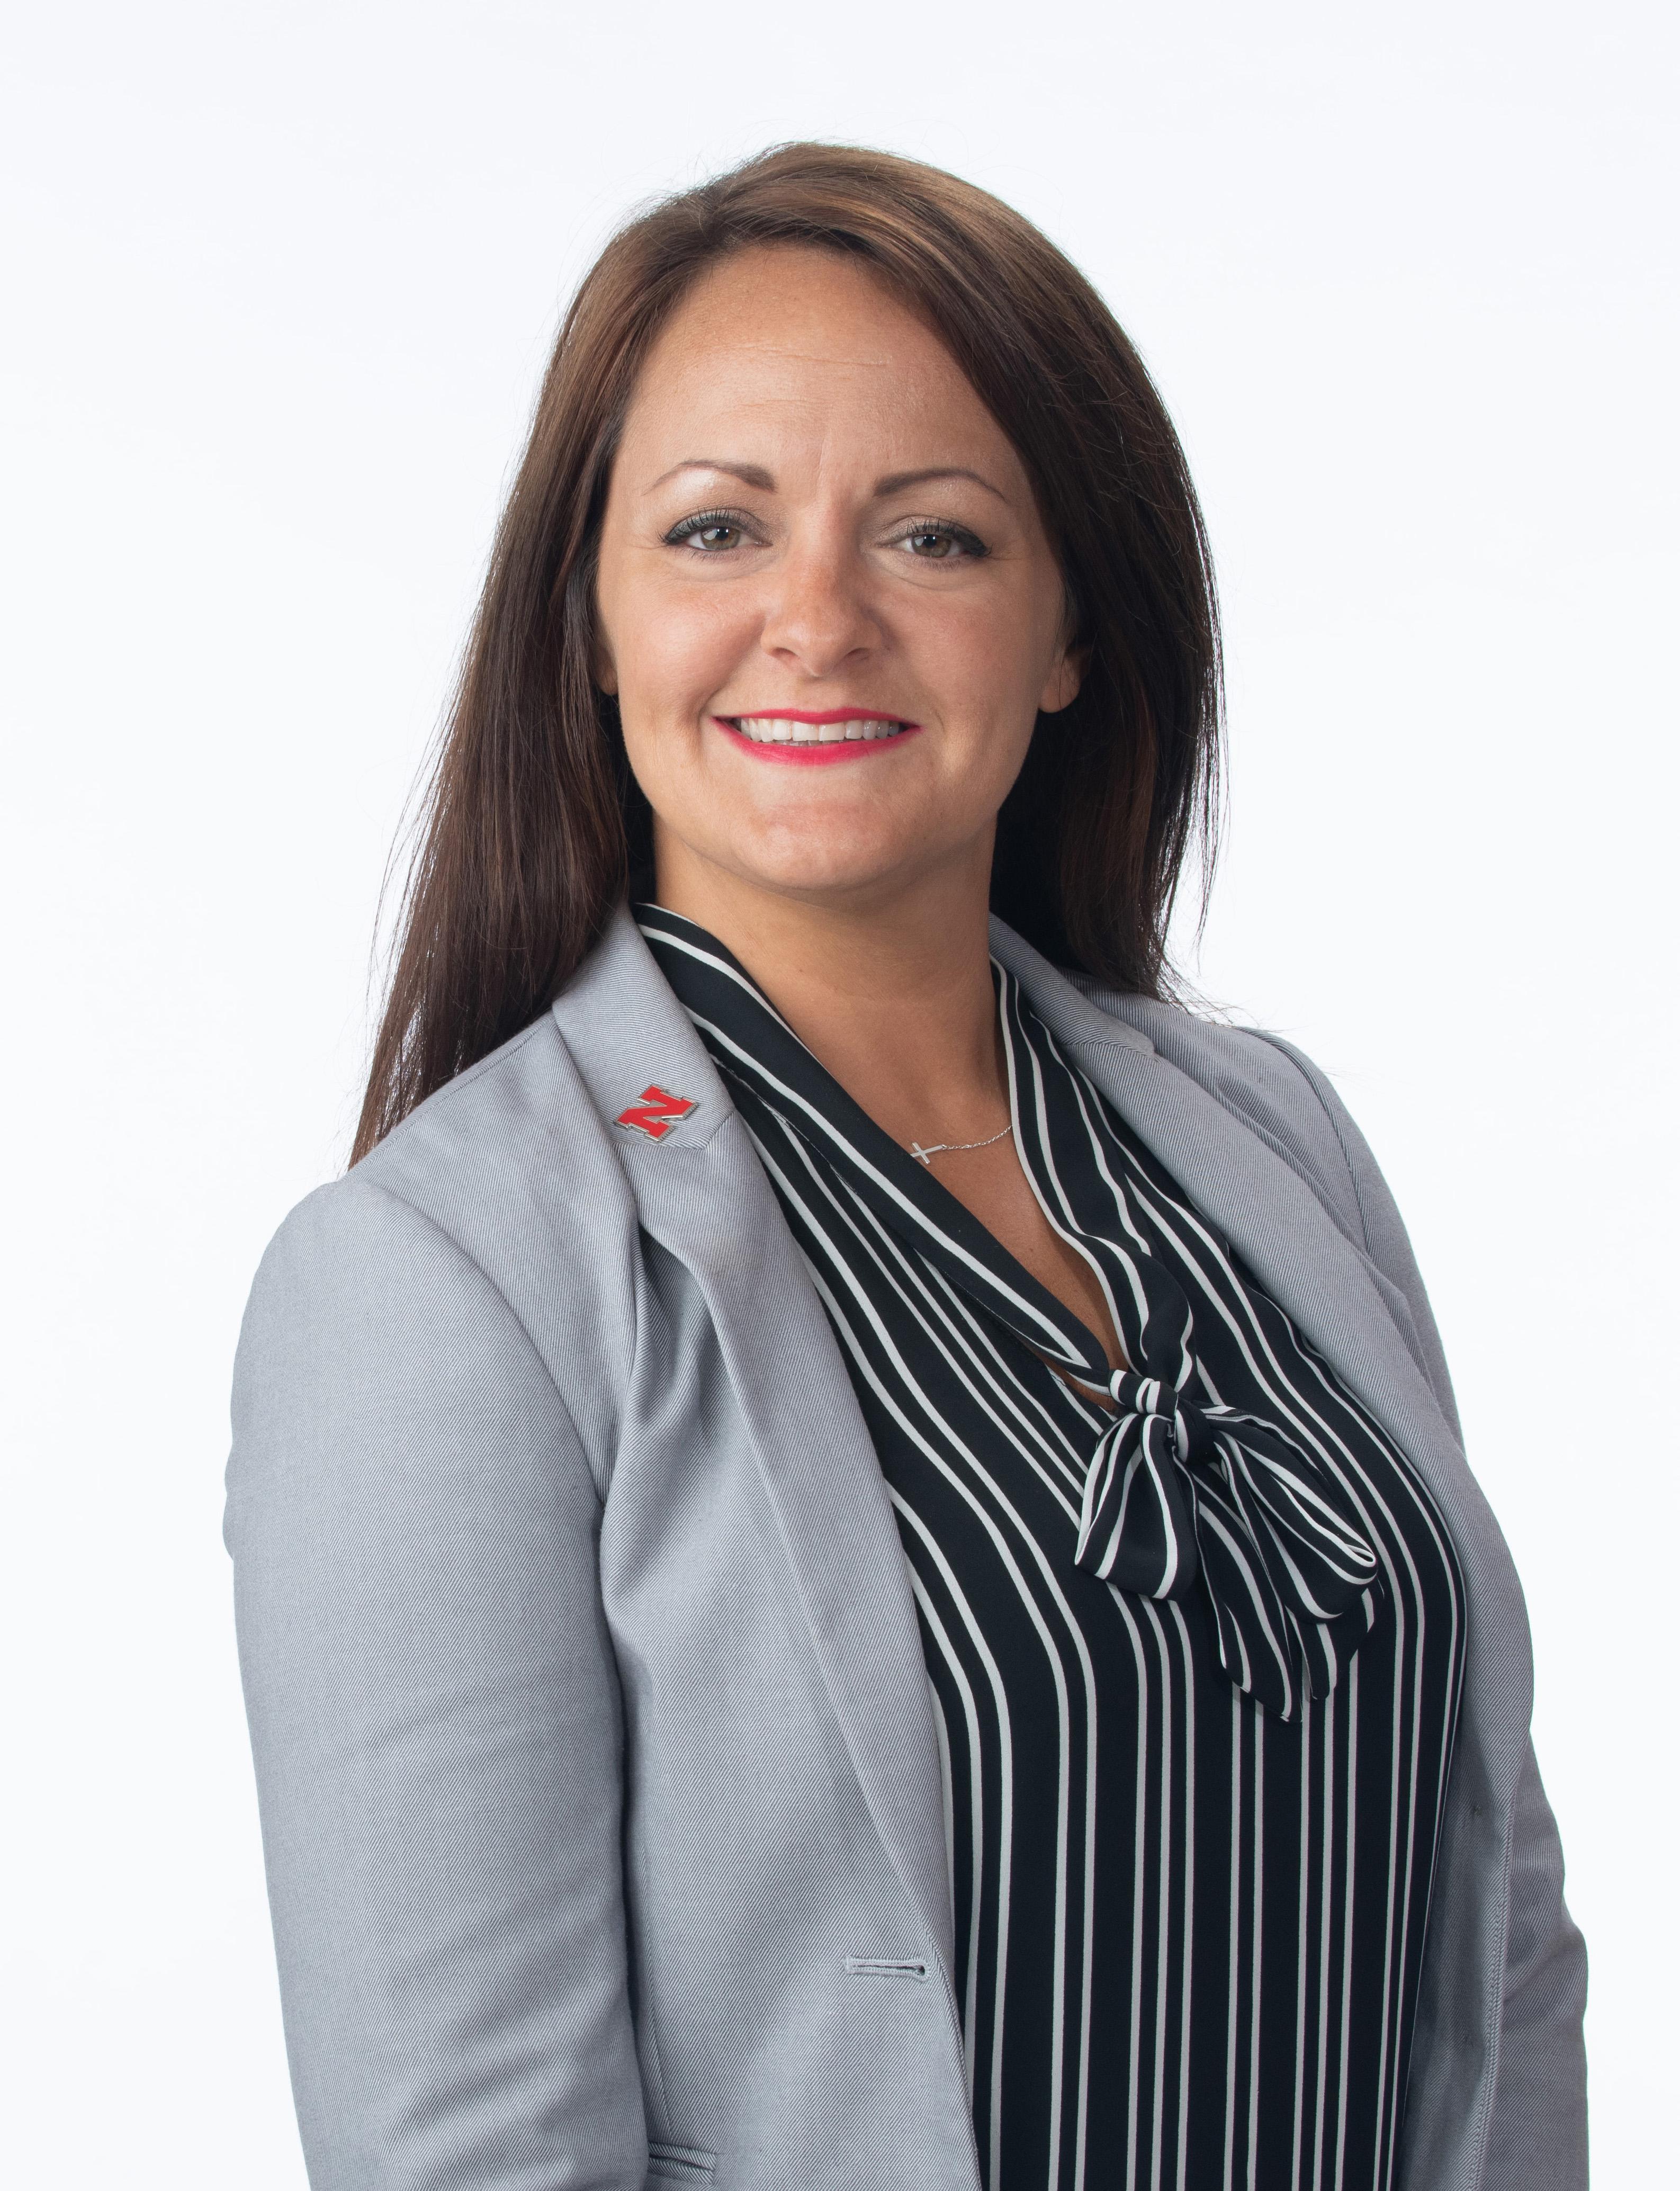 Jennifer Sheppard 1 - Meet the Team - Climate Change 2020